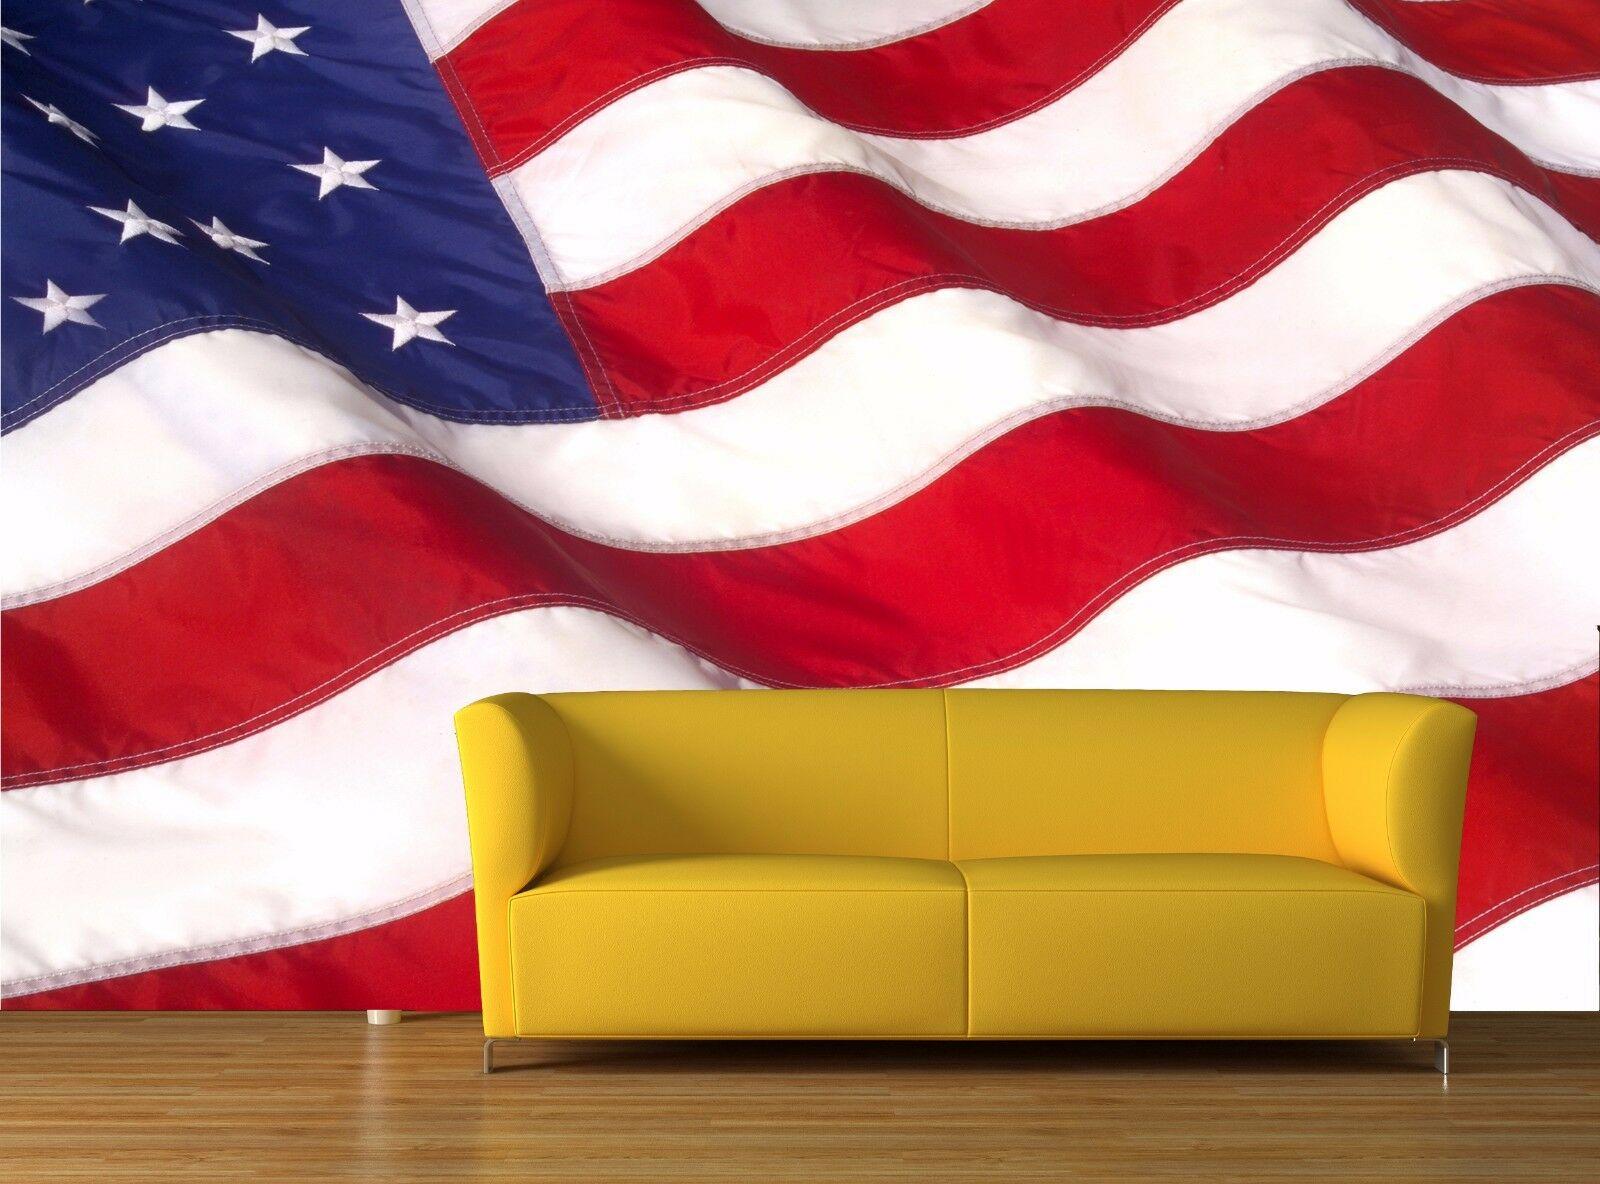 Waving American Flag 3D Mural Photo Wallpaper Decor Large Paper Wall In American Flag 3D Wall Decor (Image 28 of 30)